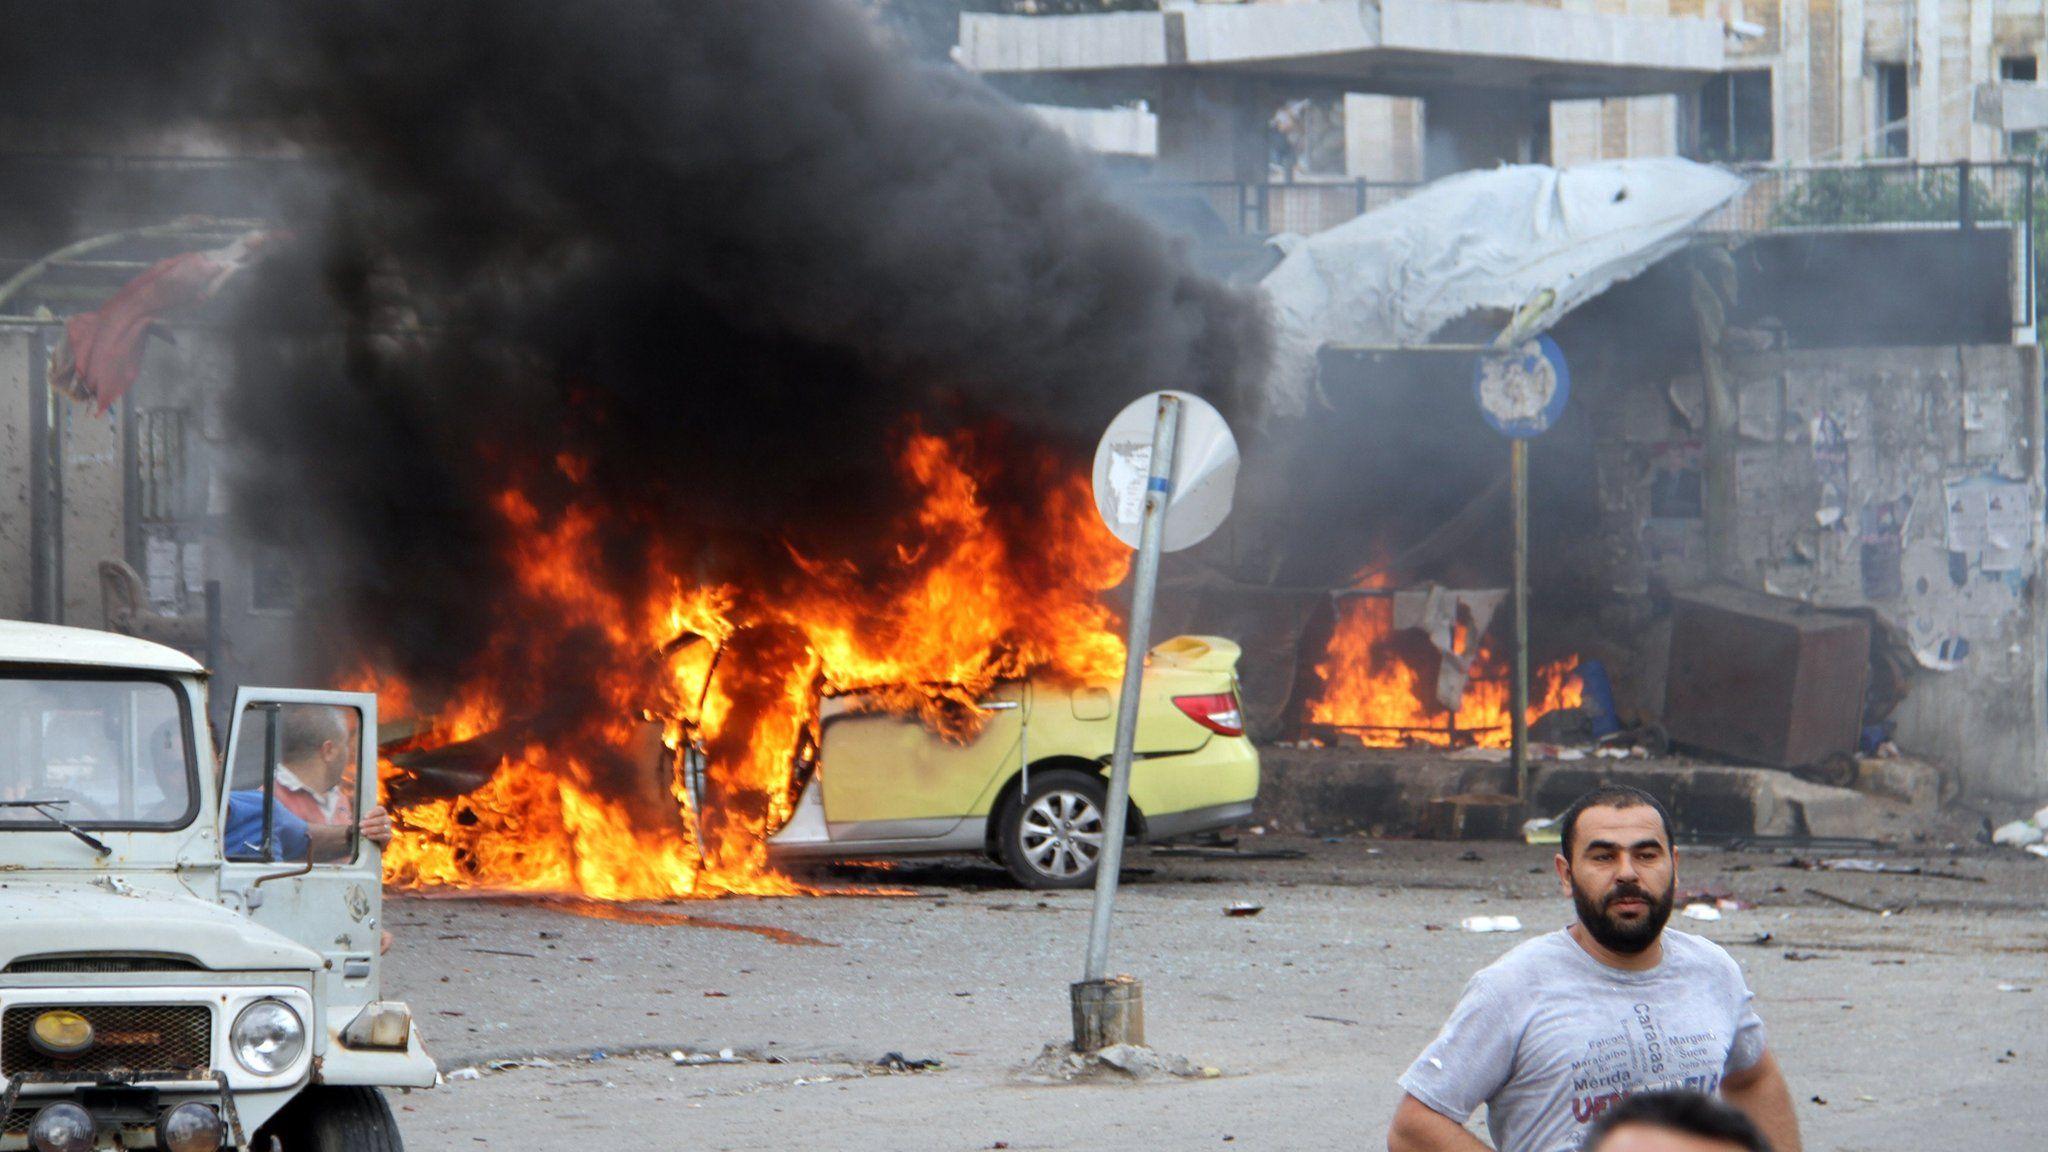 تفجير يستهدف قيادي في فصائل التسوية بريف درعا